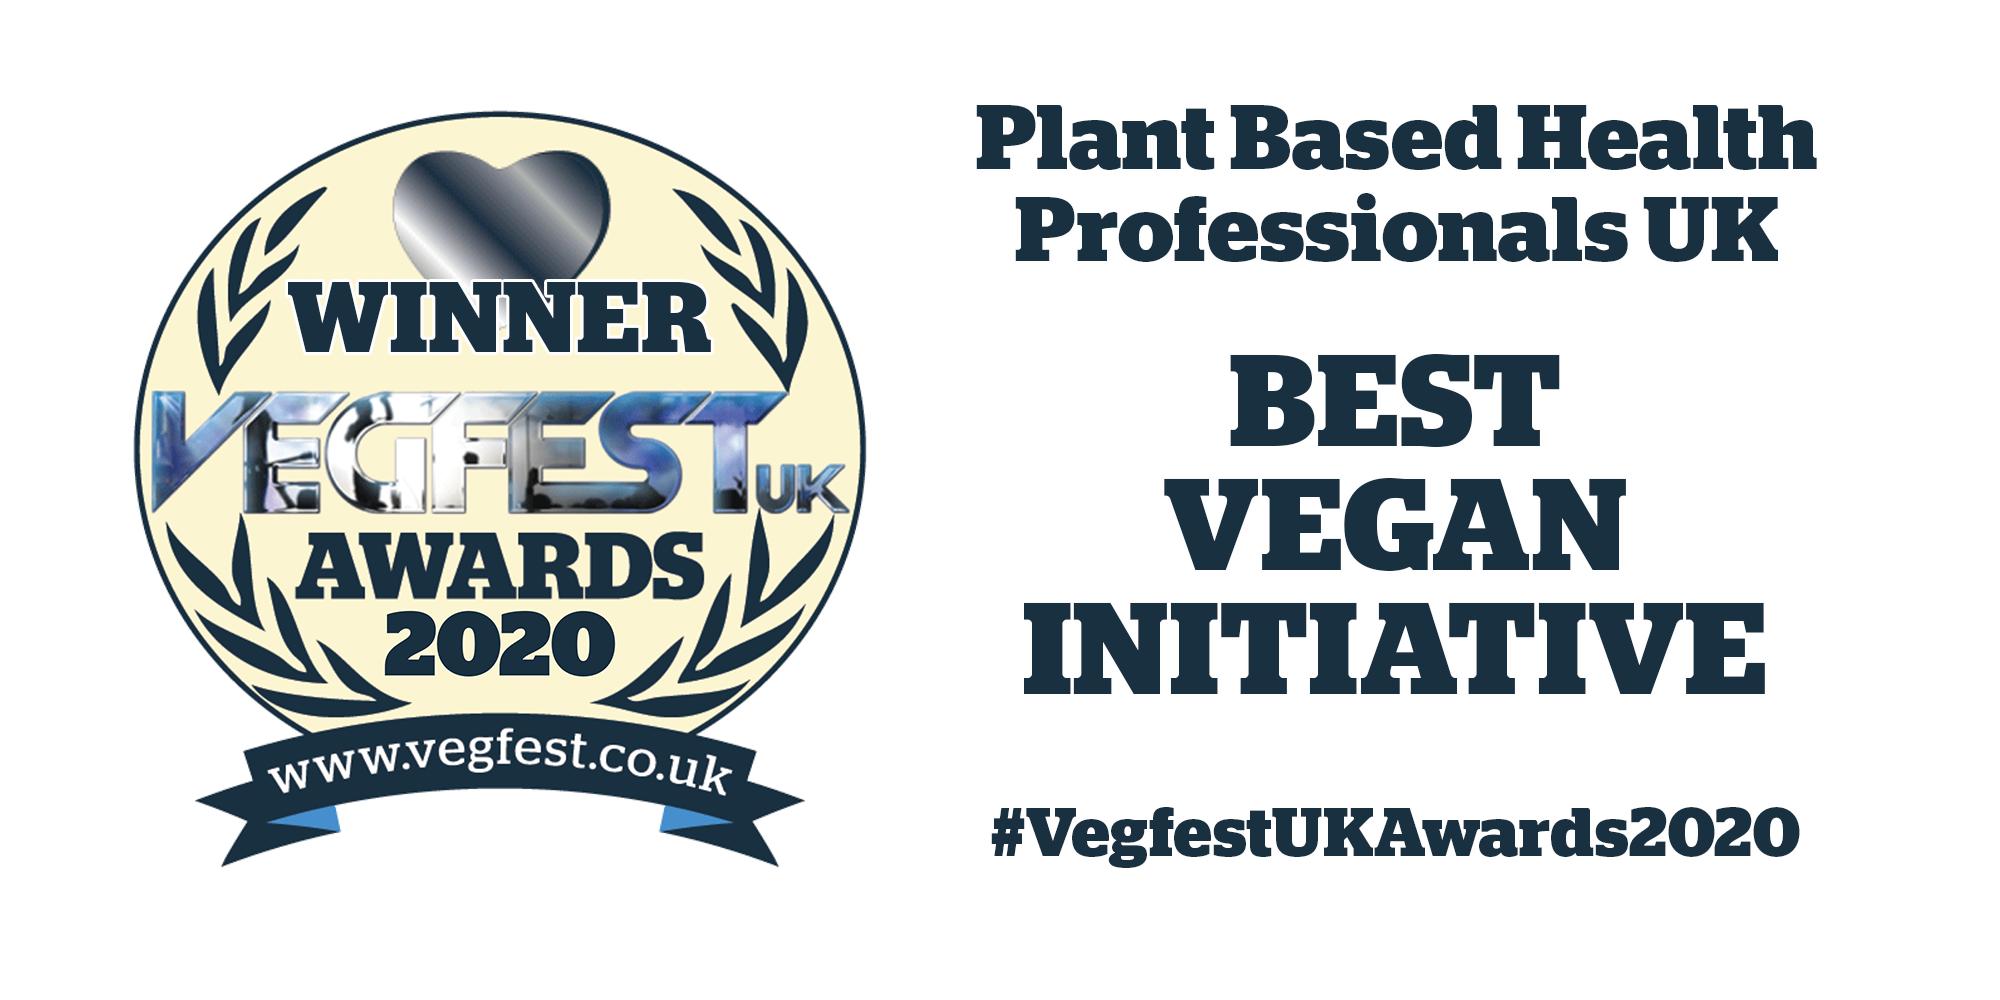 Best Vegan Initiative Award 2020